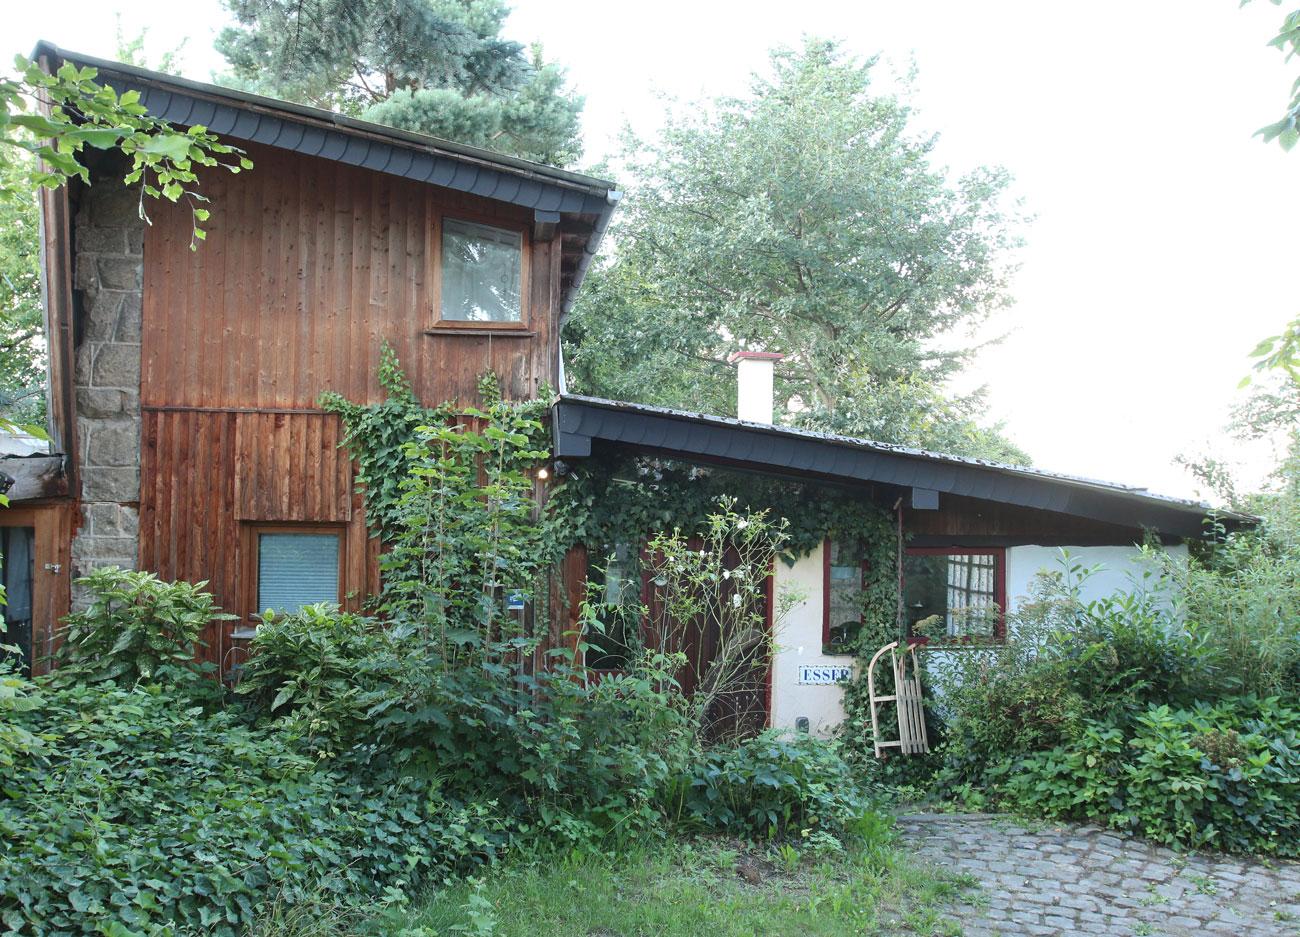 Ferienhaus mit Garten in der Eifel - Reiseblog Bravebird